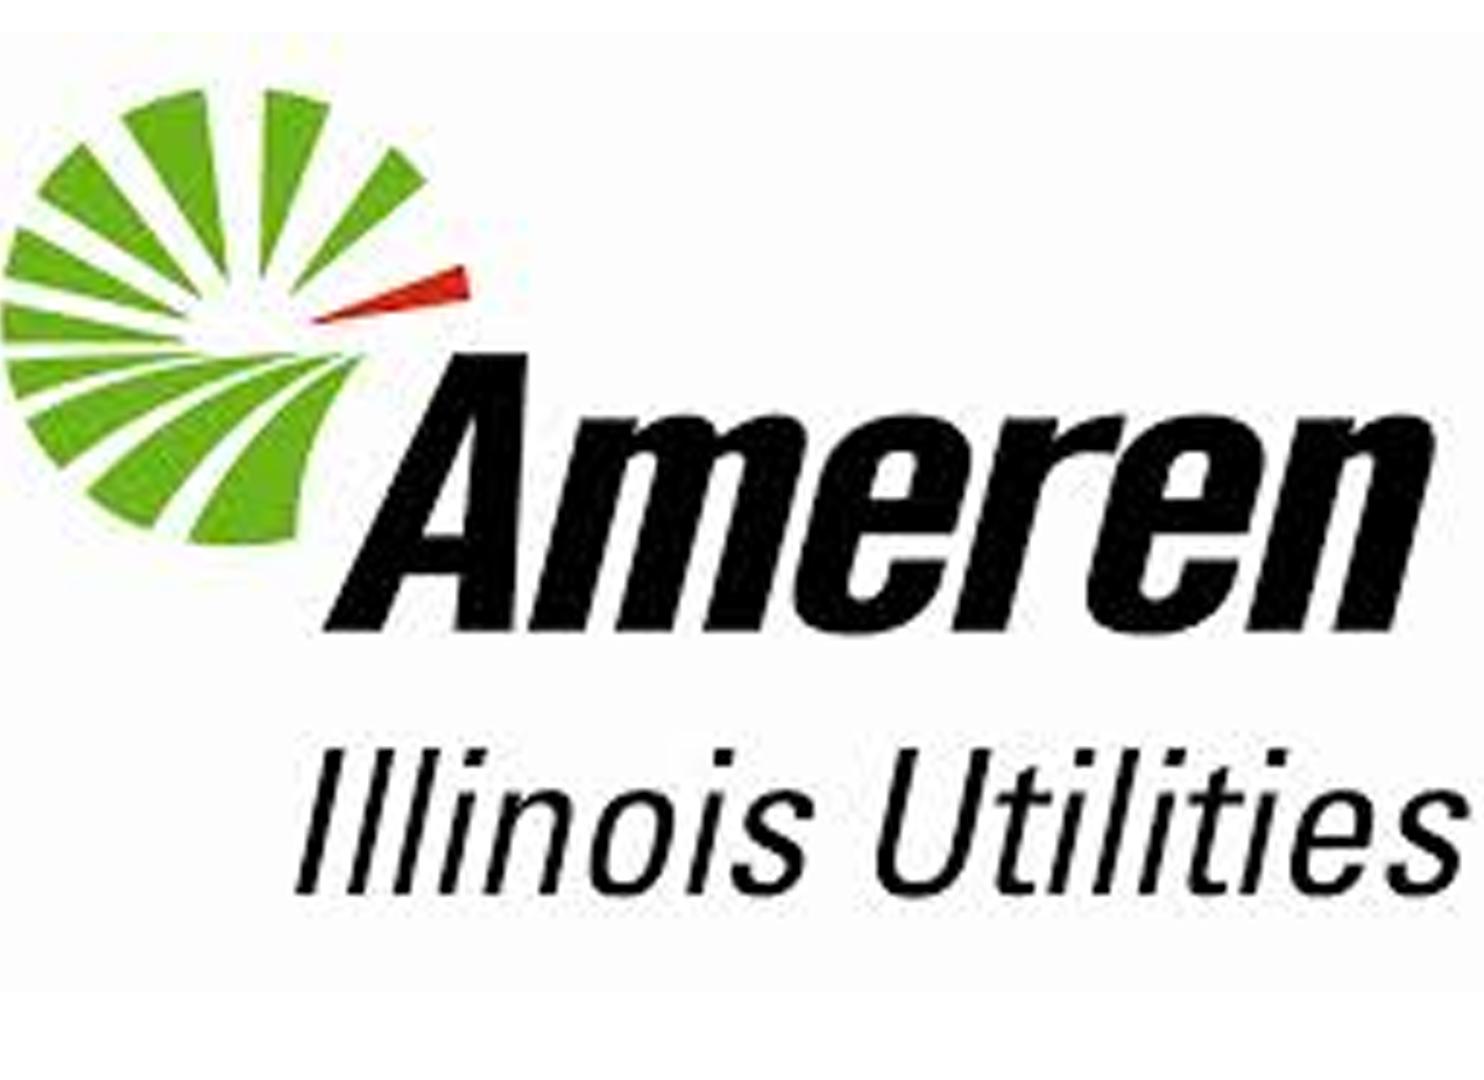 Ameren Illinois Log_1483568053318.jpg